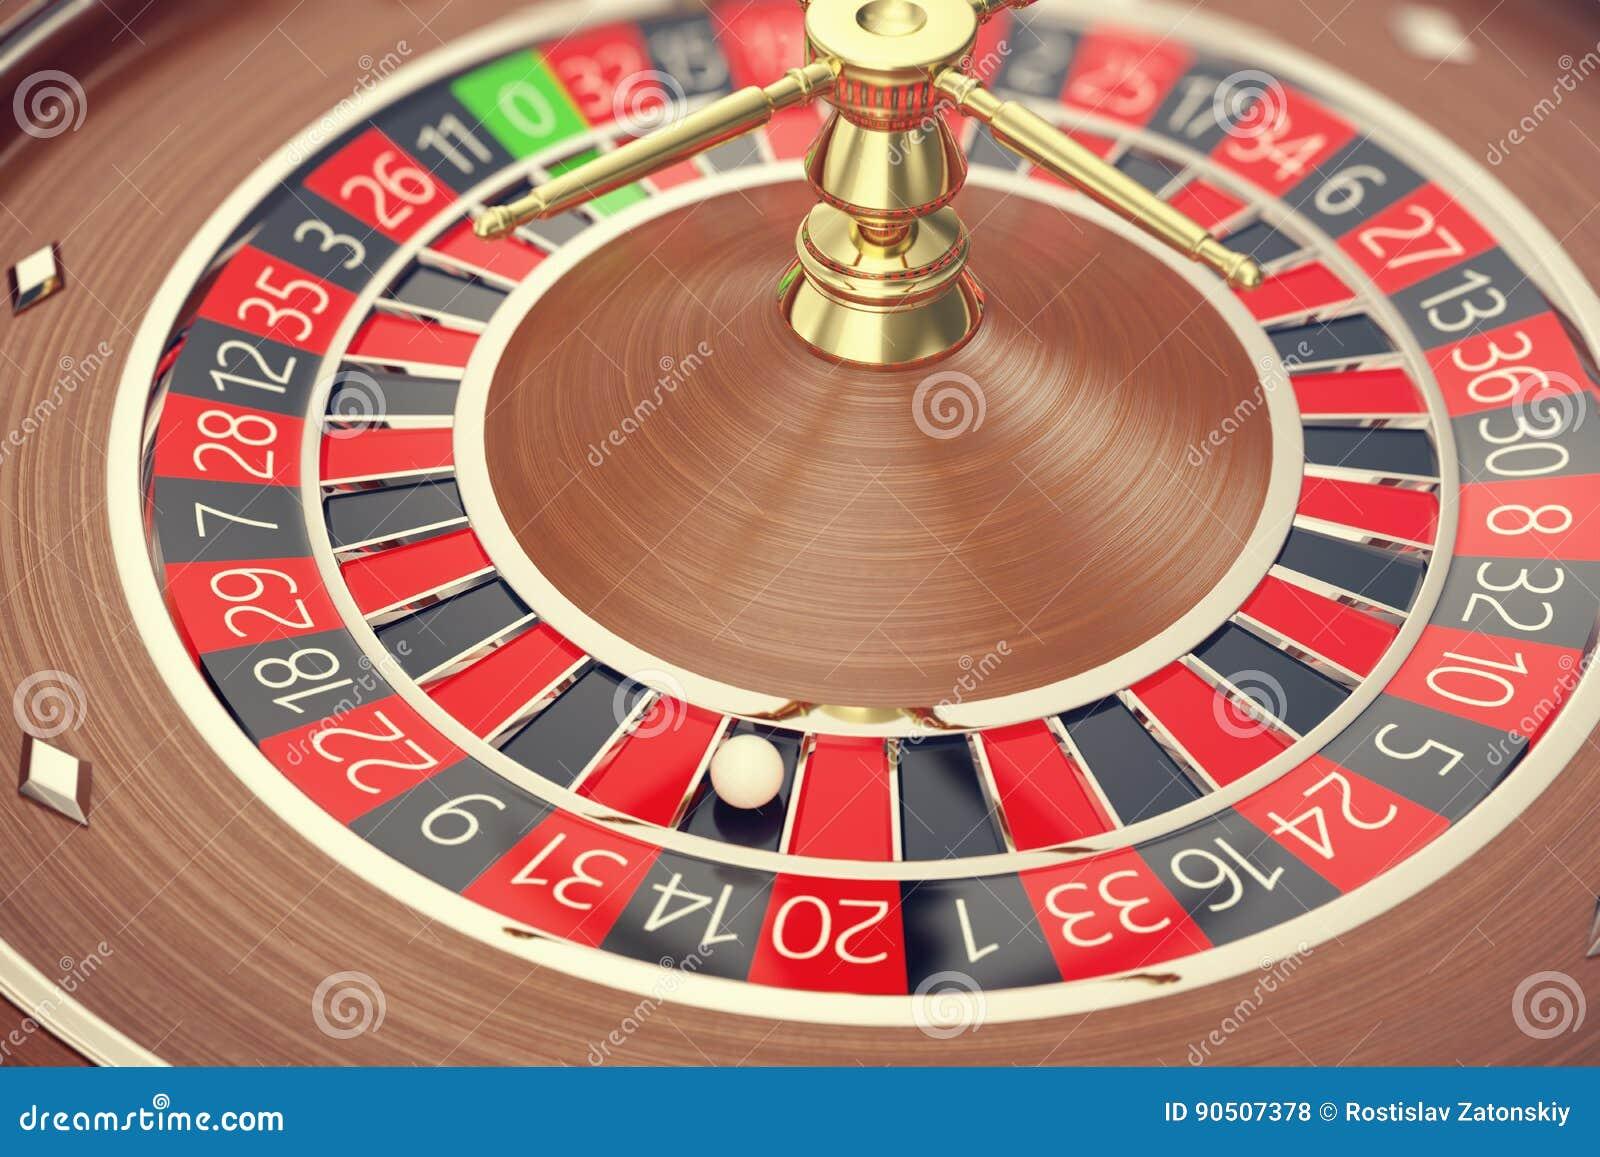 Игры в казино в лас вегасе как играть игра косынка сдавать по три карты играть бесплатно онлайн